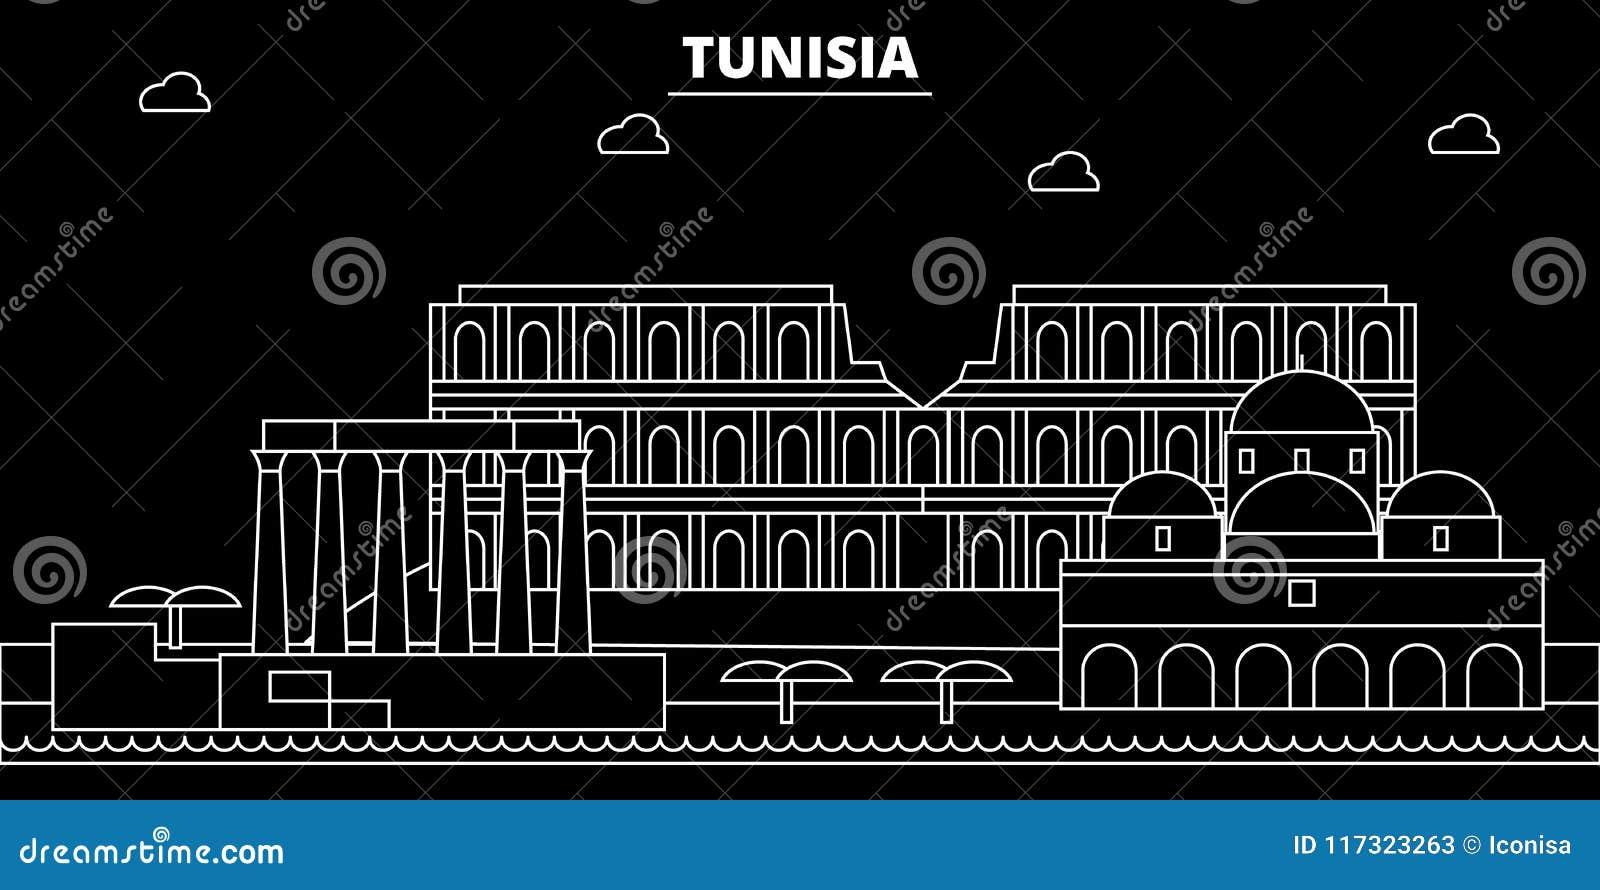 Tunisien konturhorisont, vektorstad, tunisian linjär arkitektur, byggnader Tunisien loppillustration, översikt